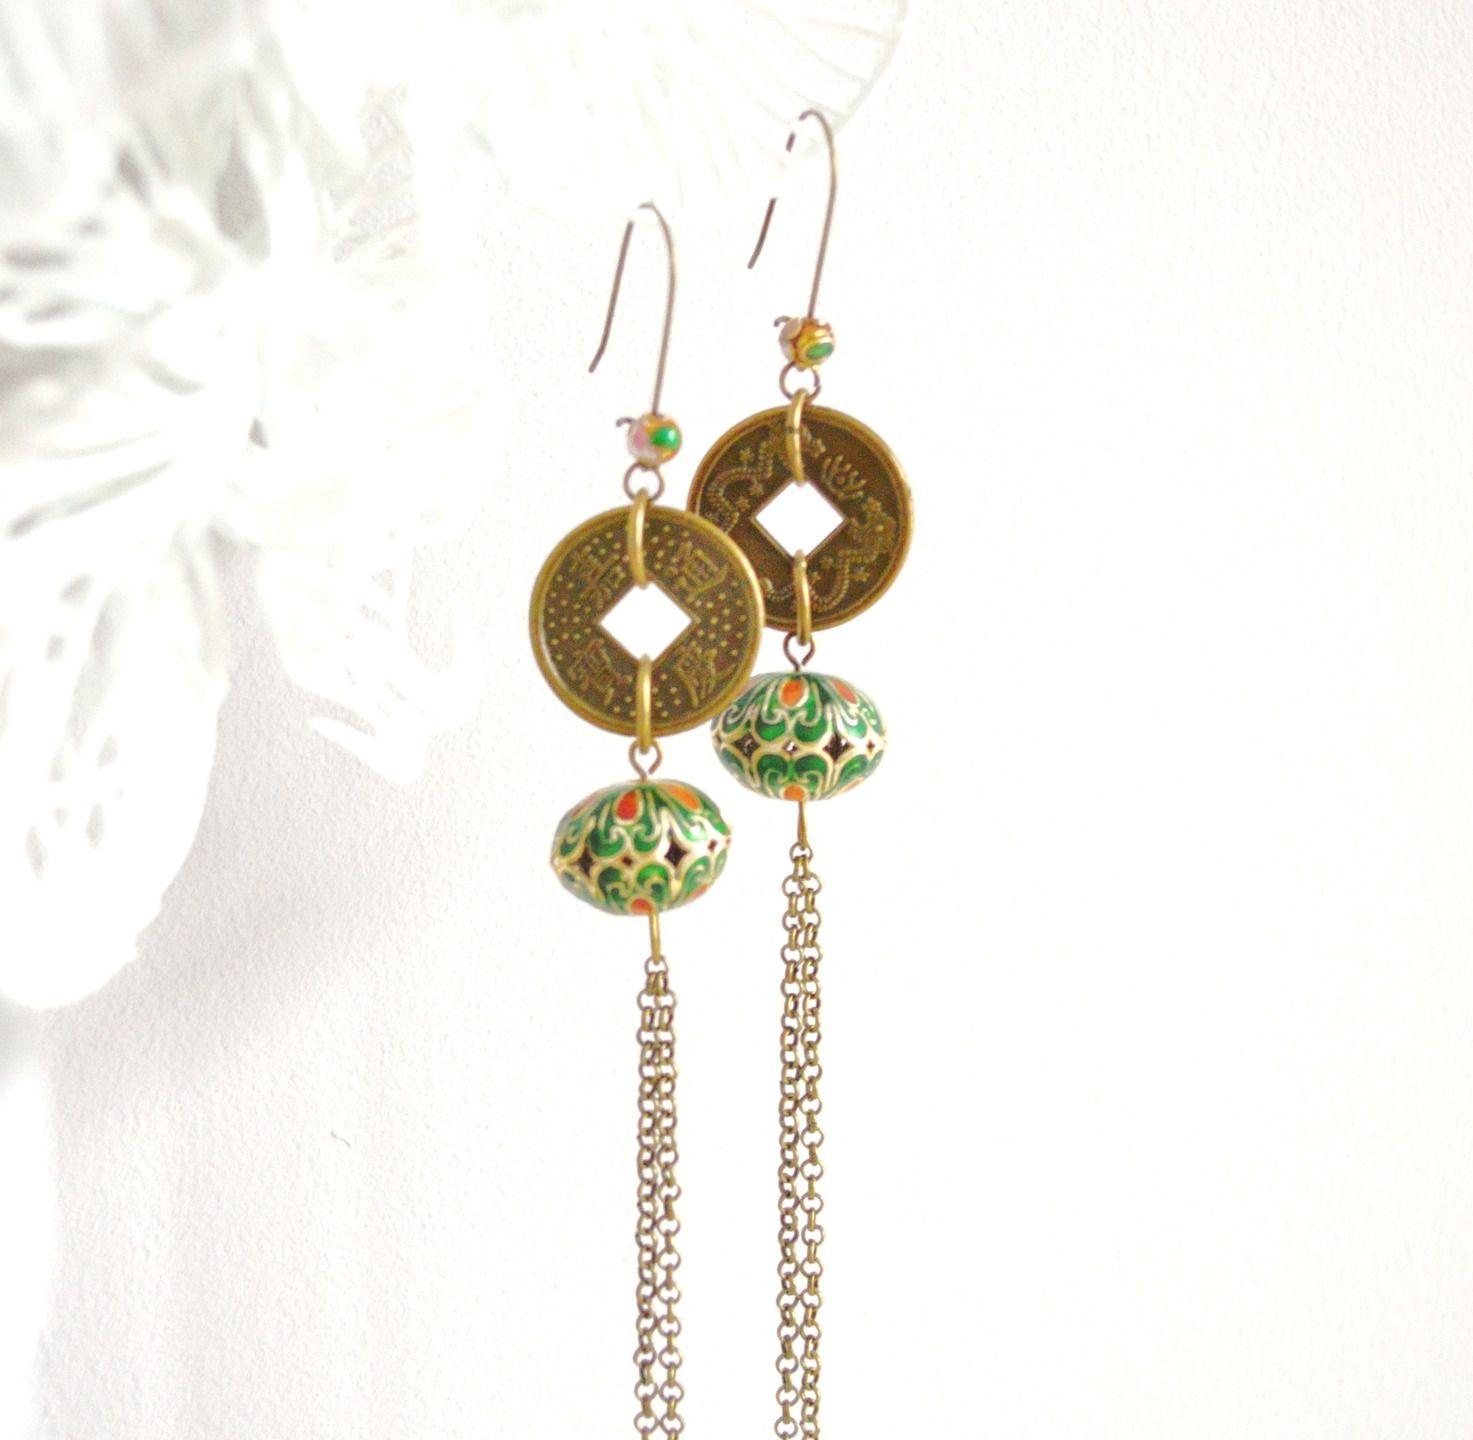 boucles d 39 oreille asiatiques en laiton couleur bronze et vertes pi ces chinoises et perles. Black Bedroom Furniture Sets. Home Design Ideas